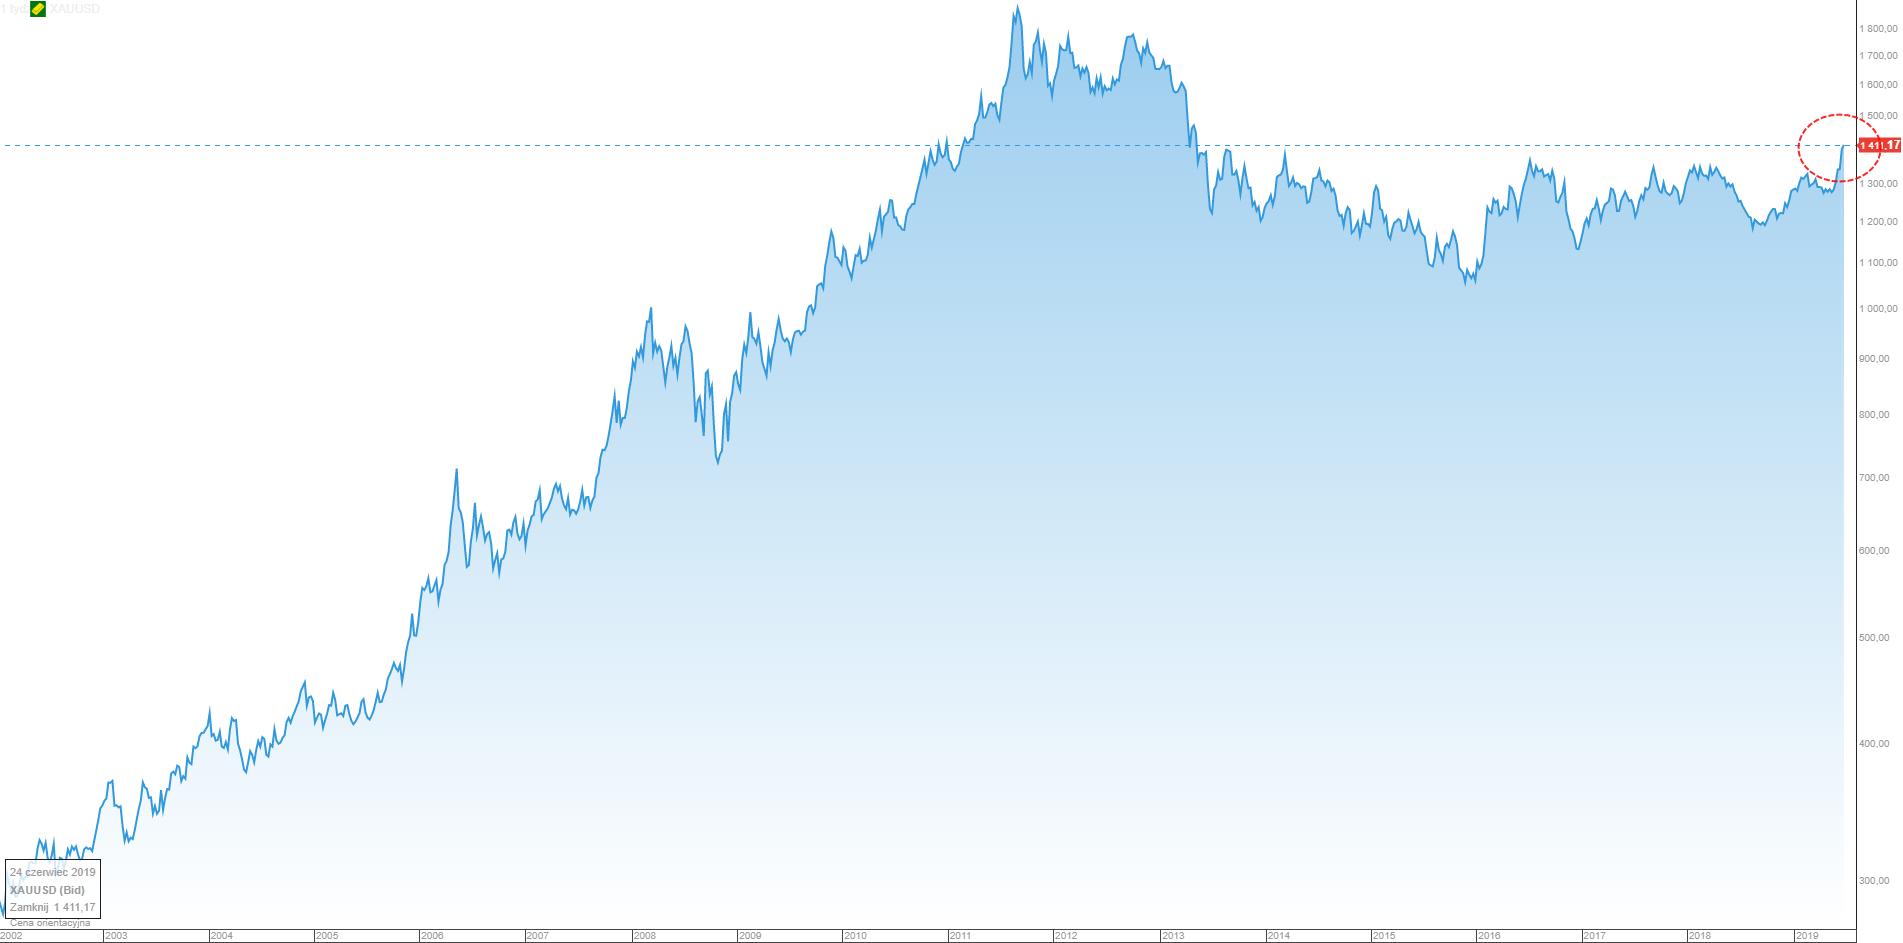 Wykres: notowania złota na przestrzeni 17 lat, źródło: platforma transakcyjna